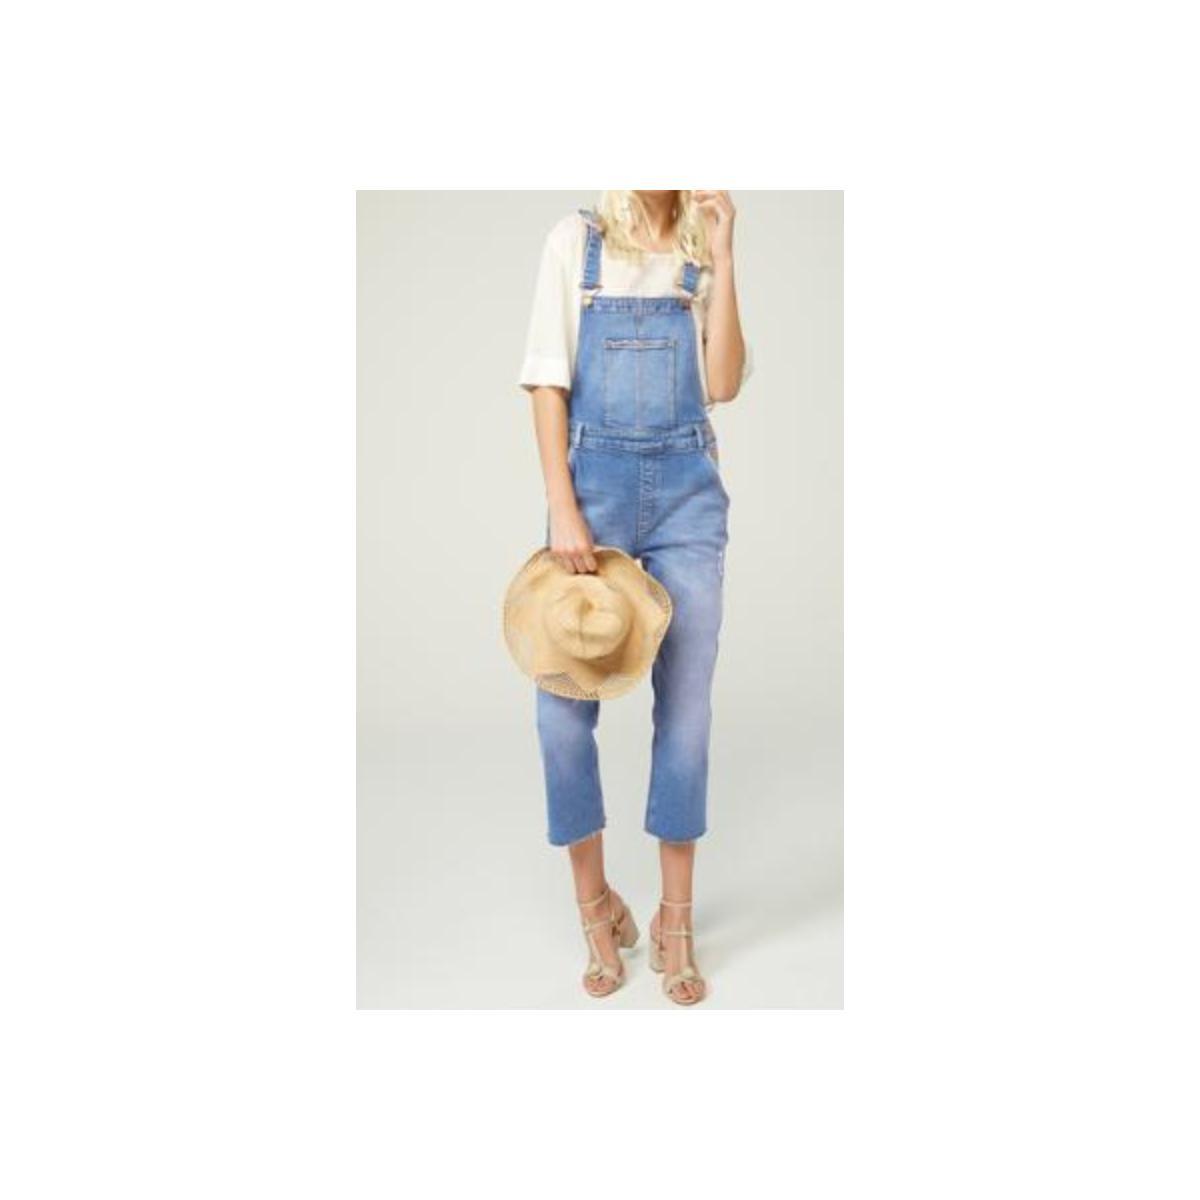 Macacão Feminino Dzarm Zmt6 501zsn Jeans